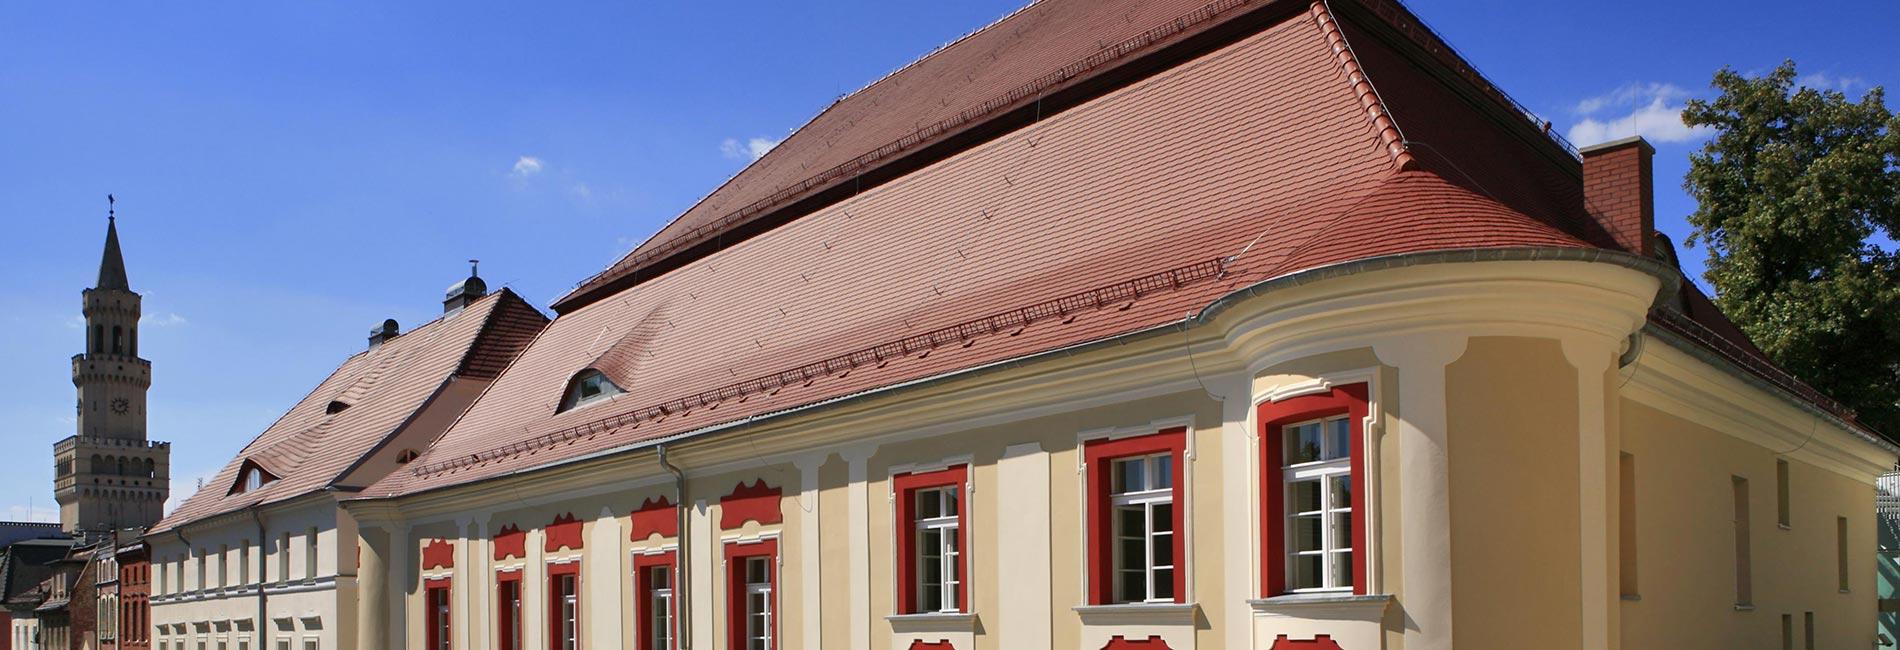 muzeum-opole-pl